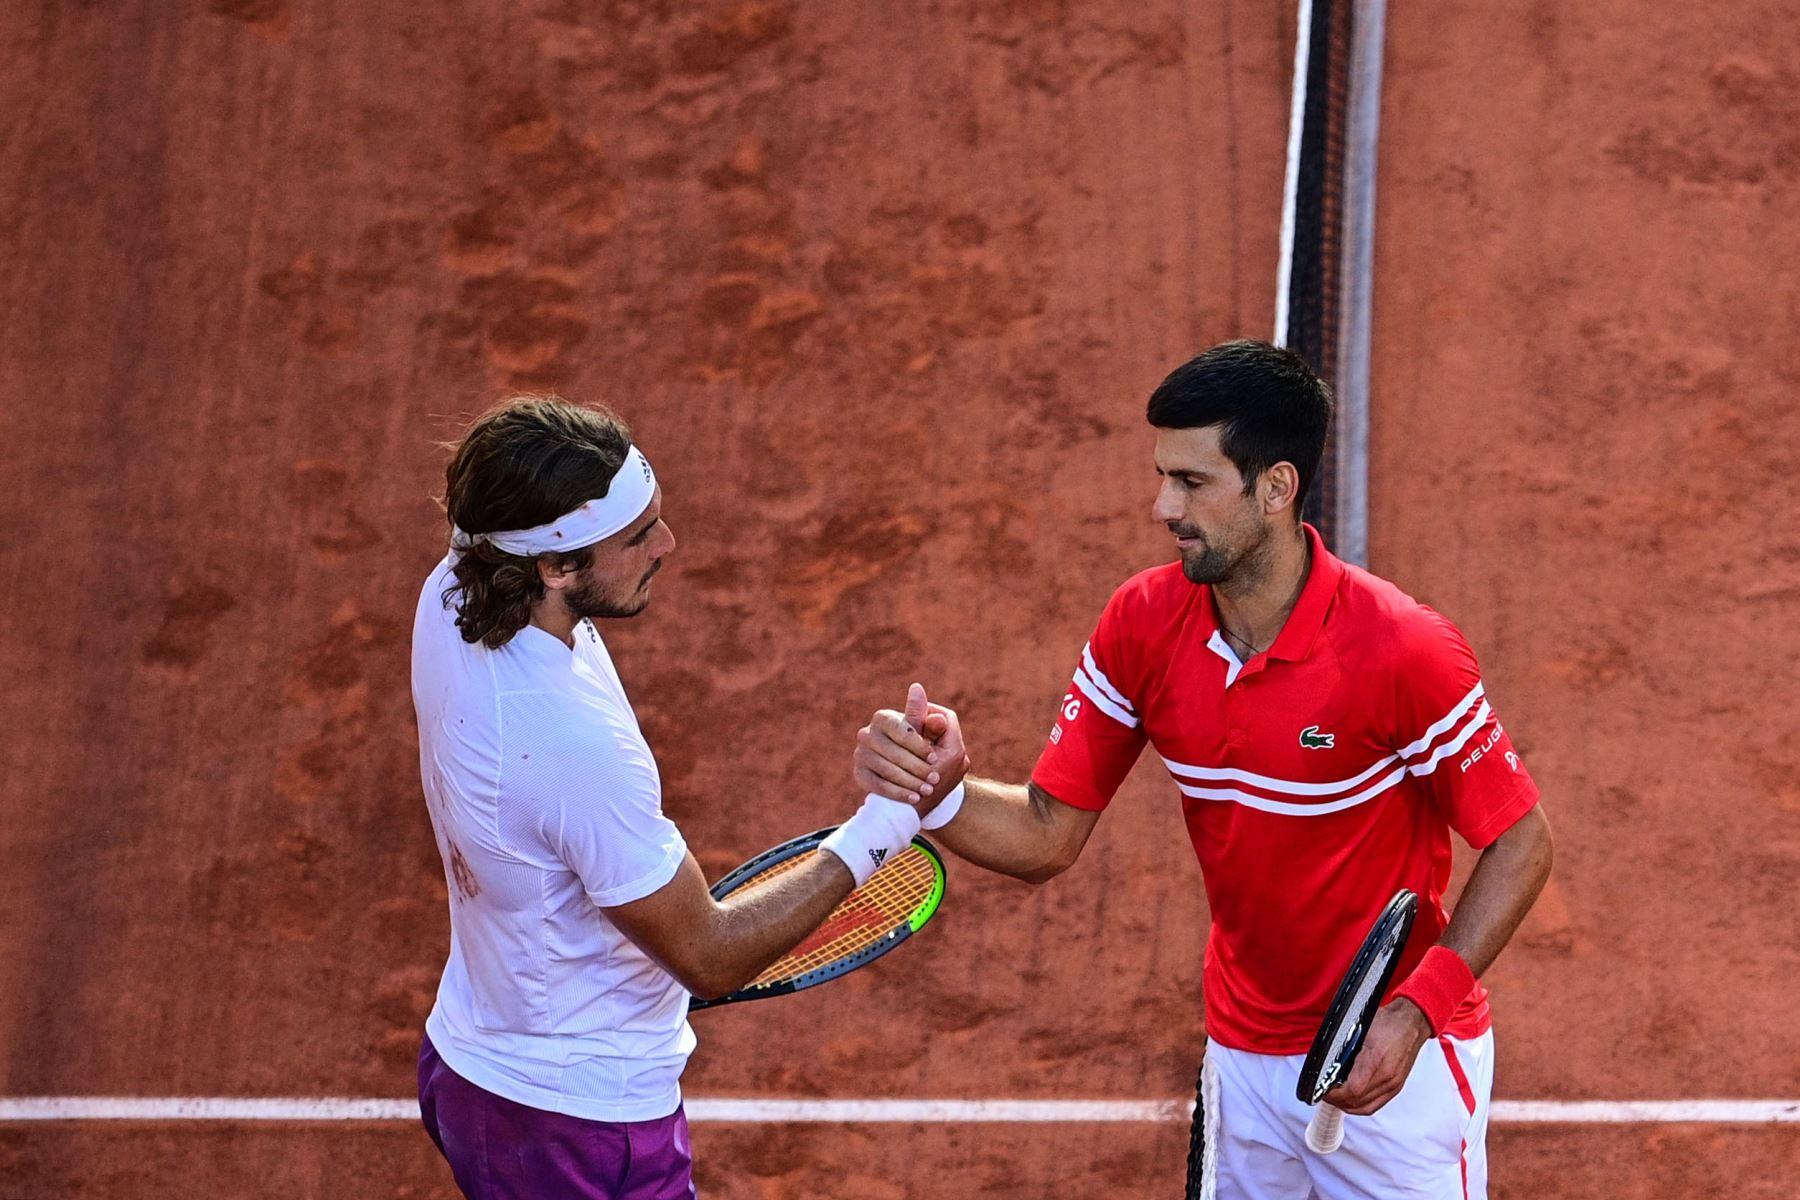 El serbio Novak Djokovic  y el griego Stefanos Tsitsipas se dan la mano al final de su último partido de tenis masculino en el día 15 del torneo de tenis Roland Garros 2021 del Abierto de Francia en París. Foto: AFP